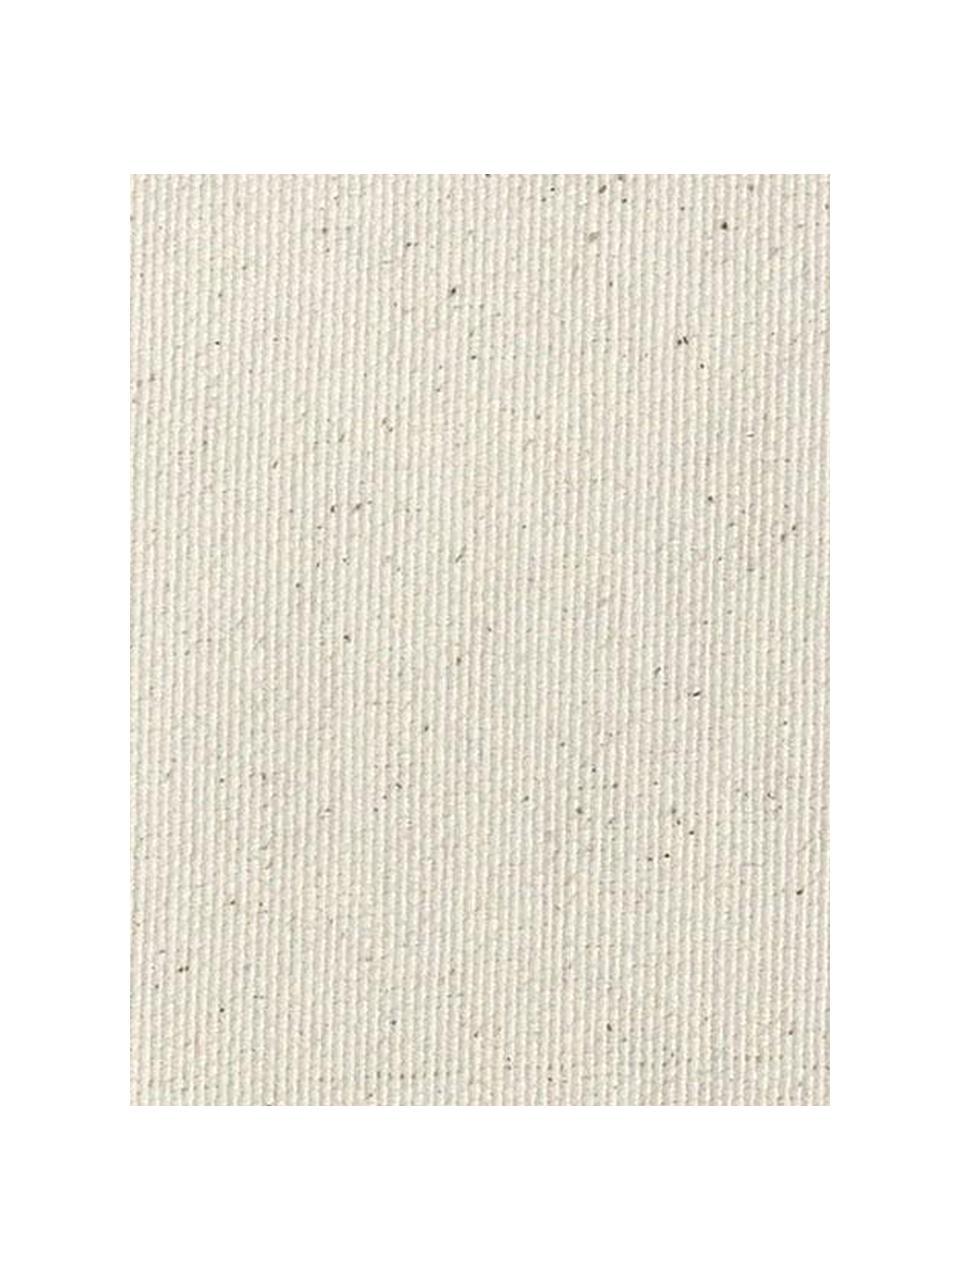 Copertura divano angolare Levante, 65% cotone, 35% poliestere, Beige, Larg. 150 x Lung. 240 cm